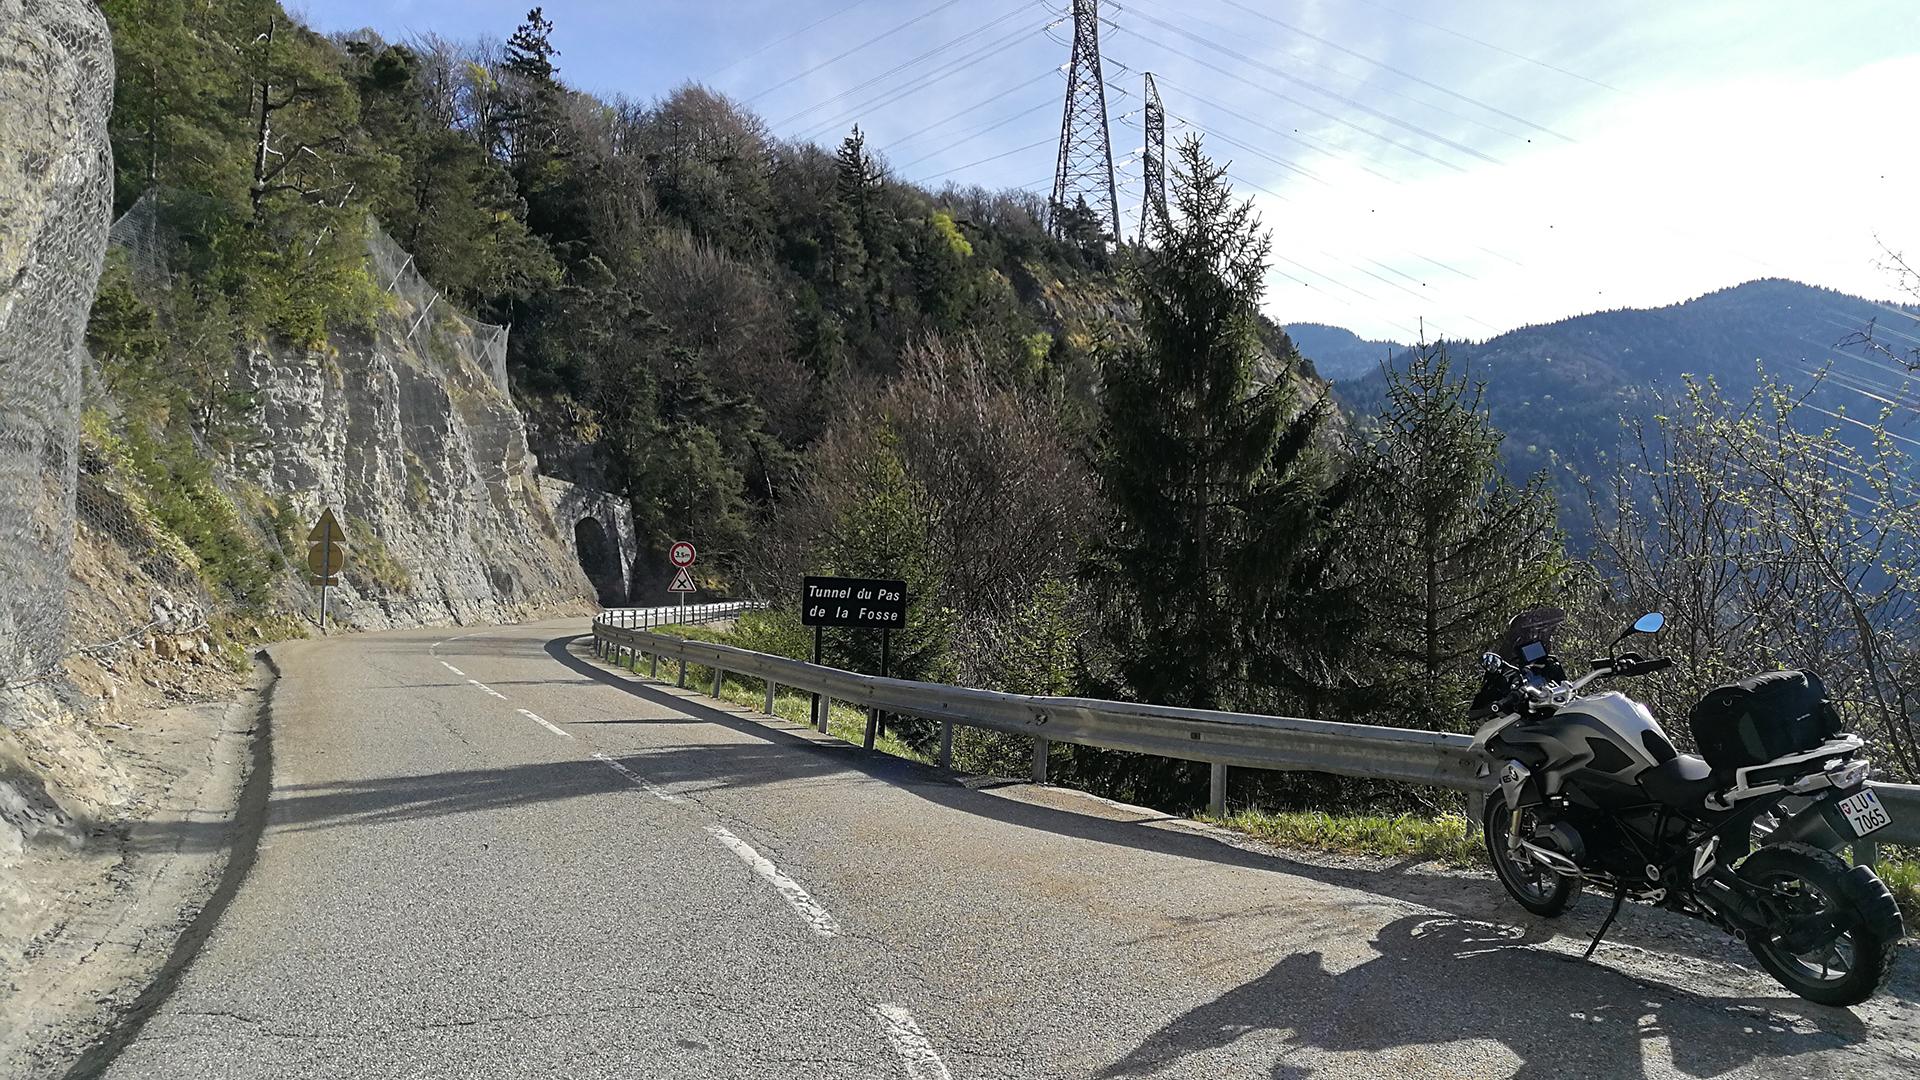 0850 - F - Tunnel du Pas de la Fosse